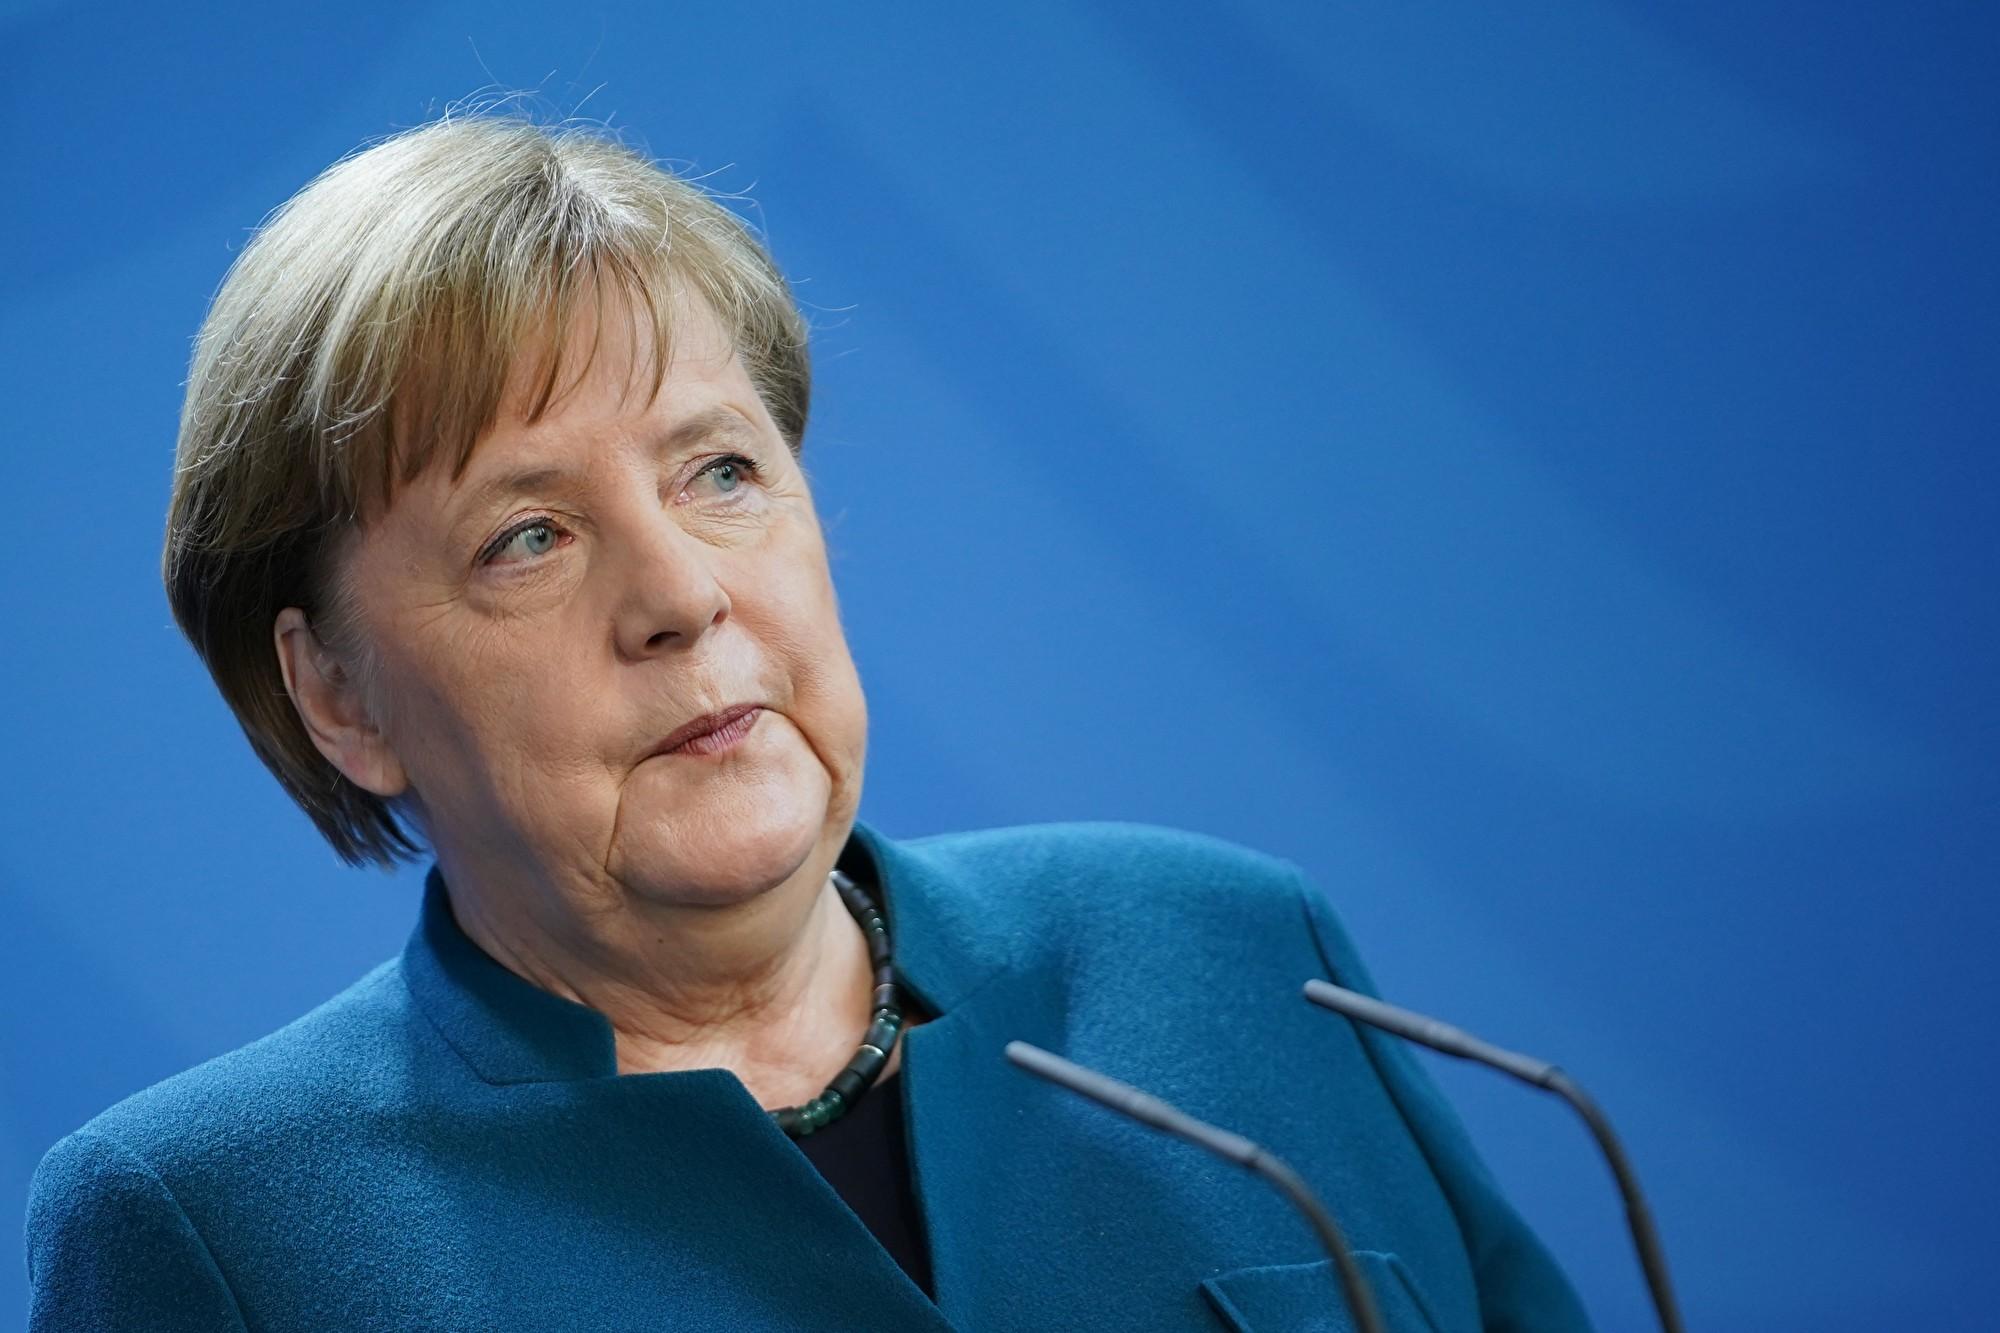 默克爾居家隔離 德國出台更嚴厲抗疫措施